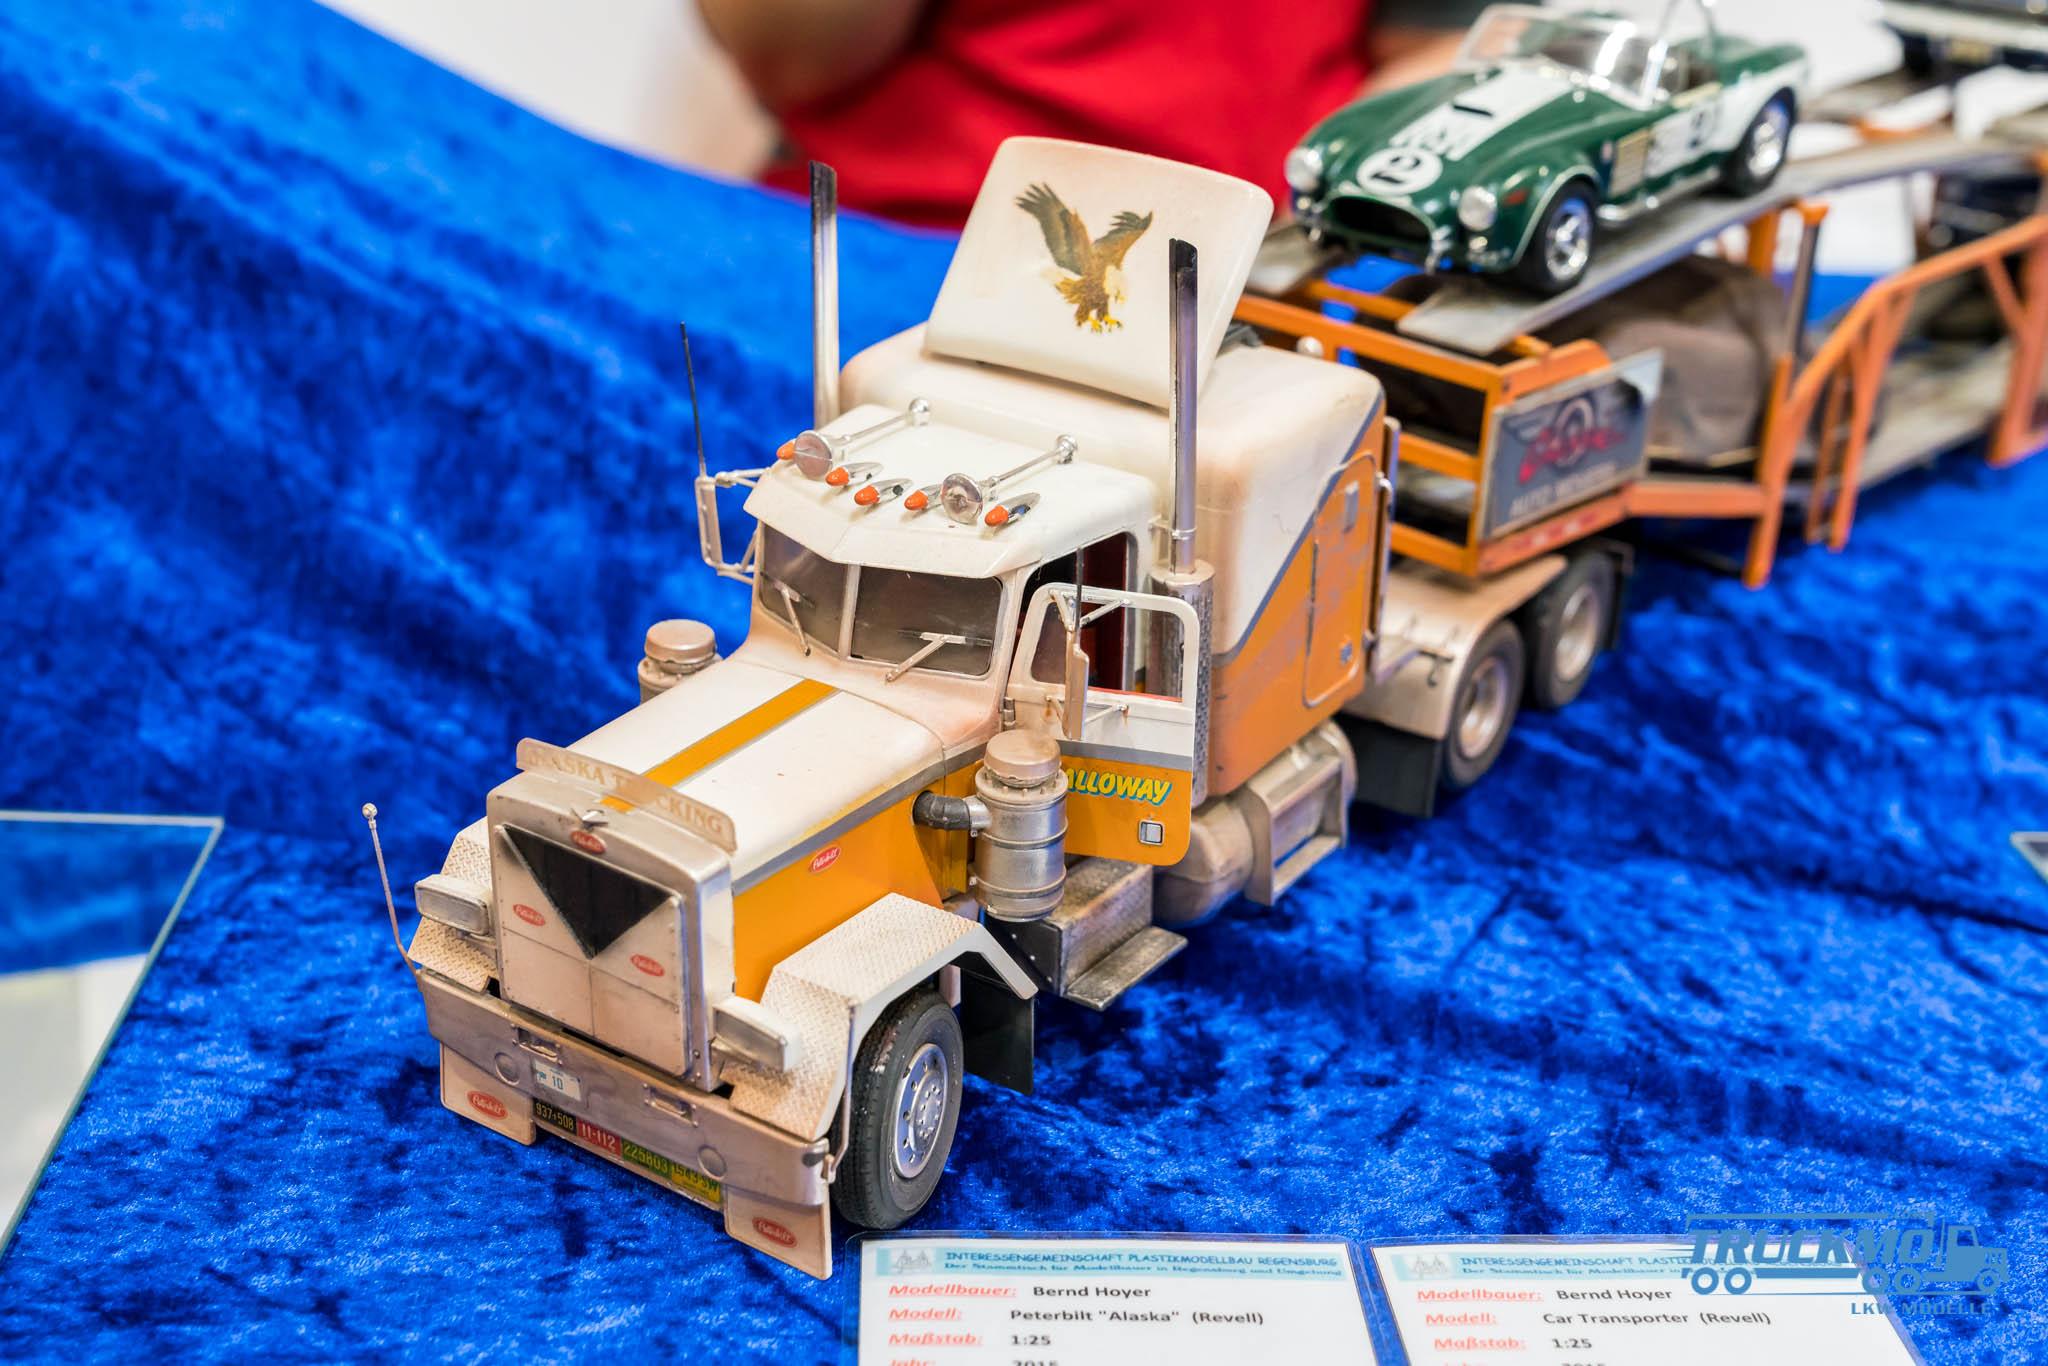 Truckmo_Modellbau_Ried_2017_Herpa_Messe_Modellbauausstellung (504 von 1177)